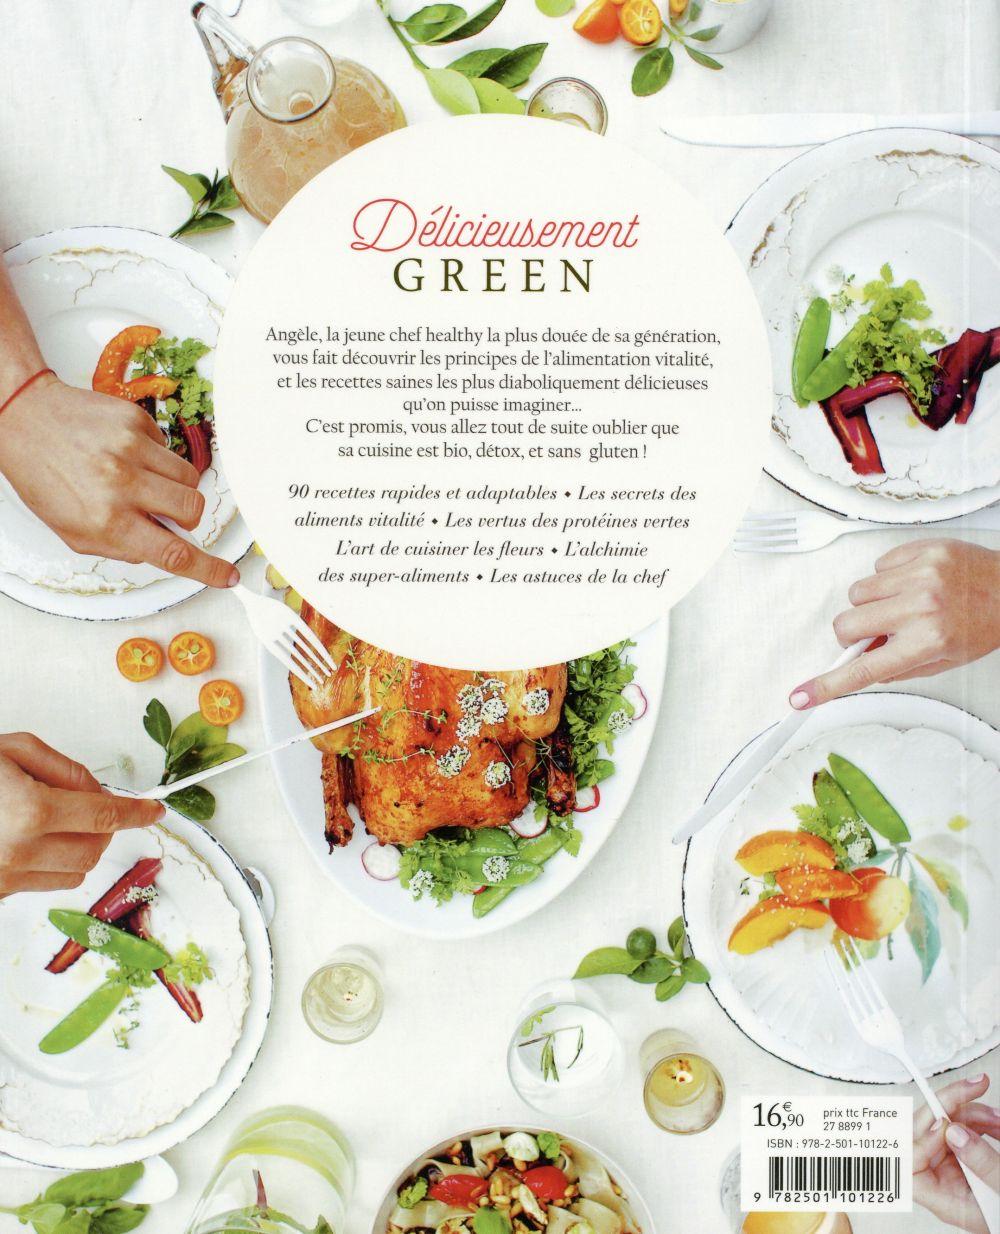 délicieusement green